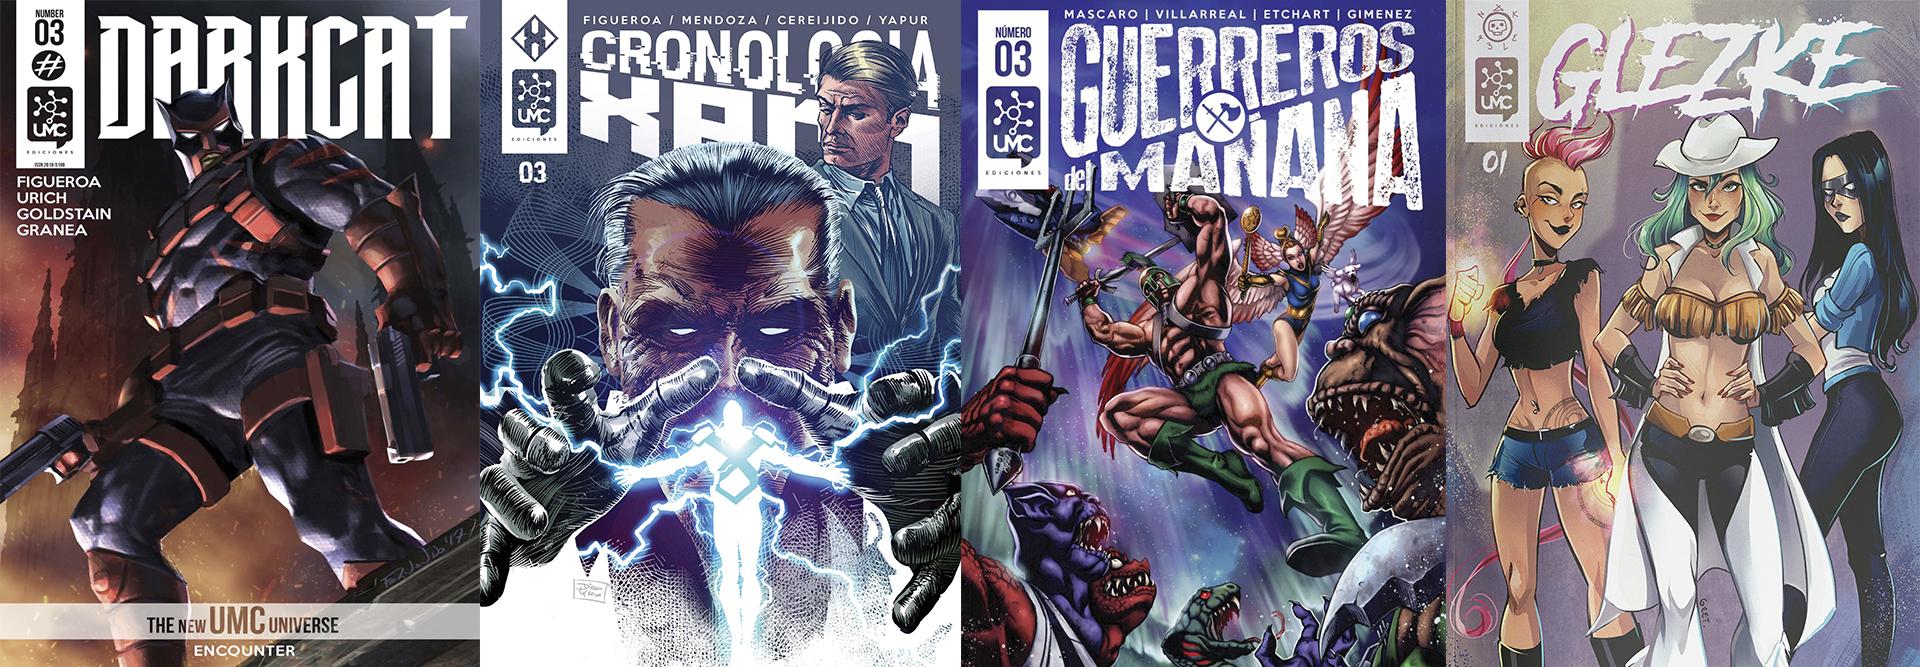 Los otros cómics del Universo de UMC y el próximo lanzamiento, Glezke